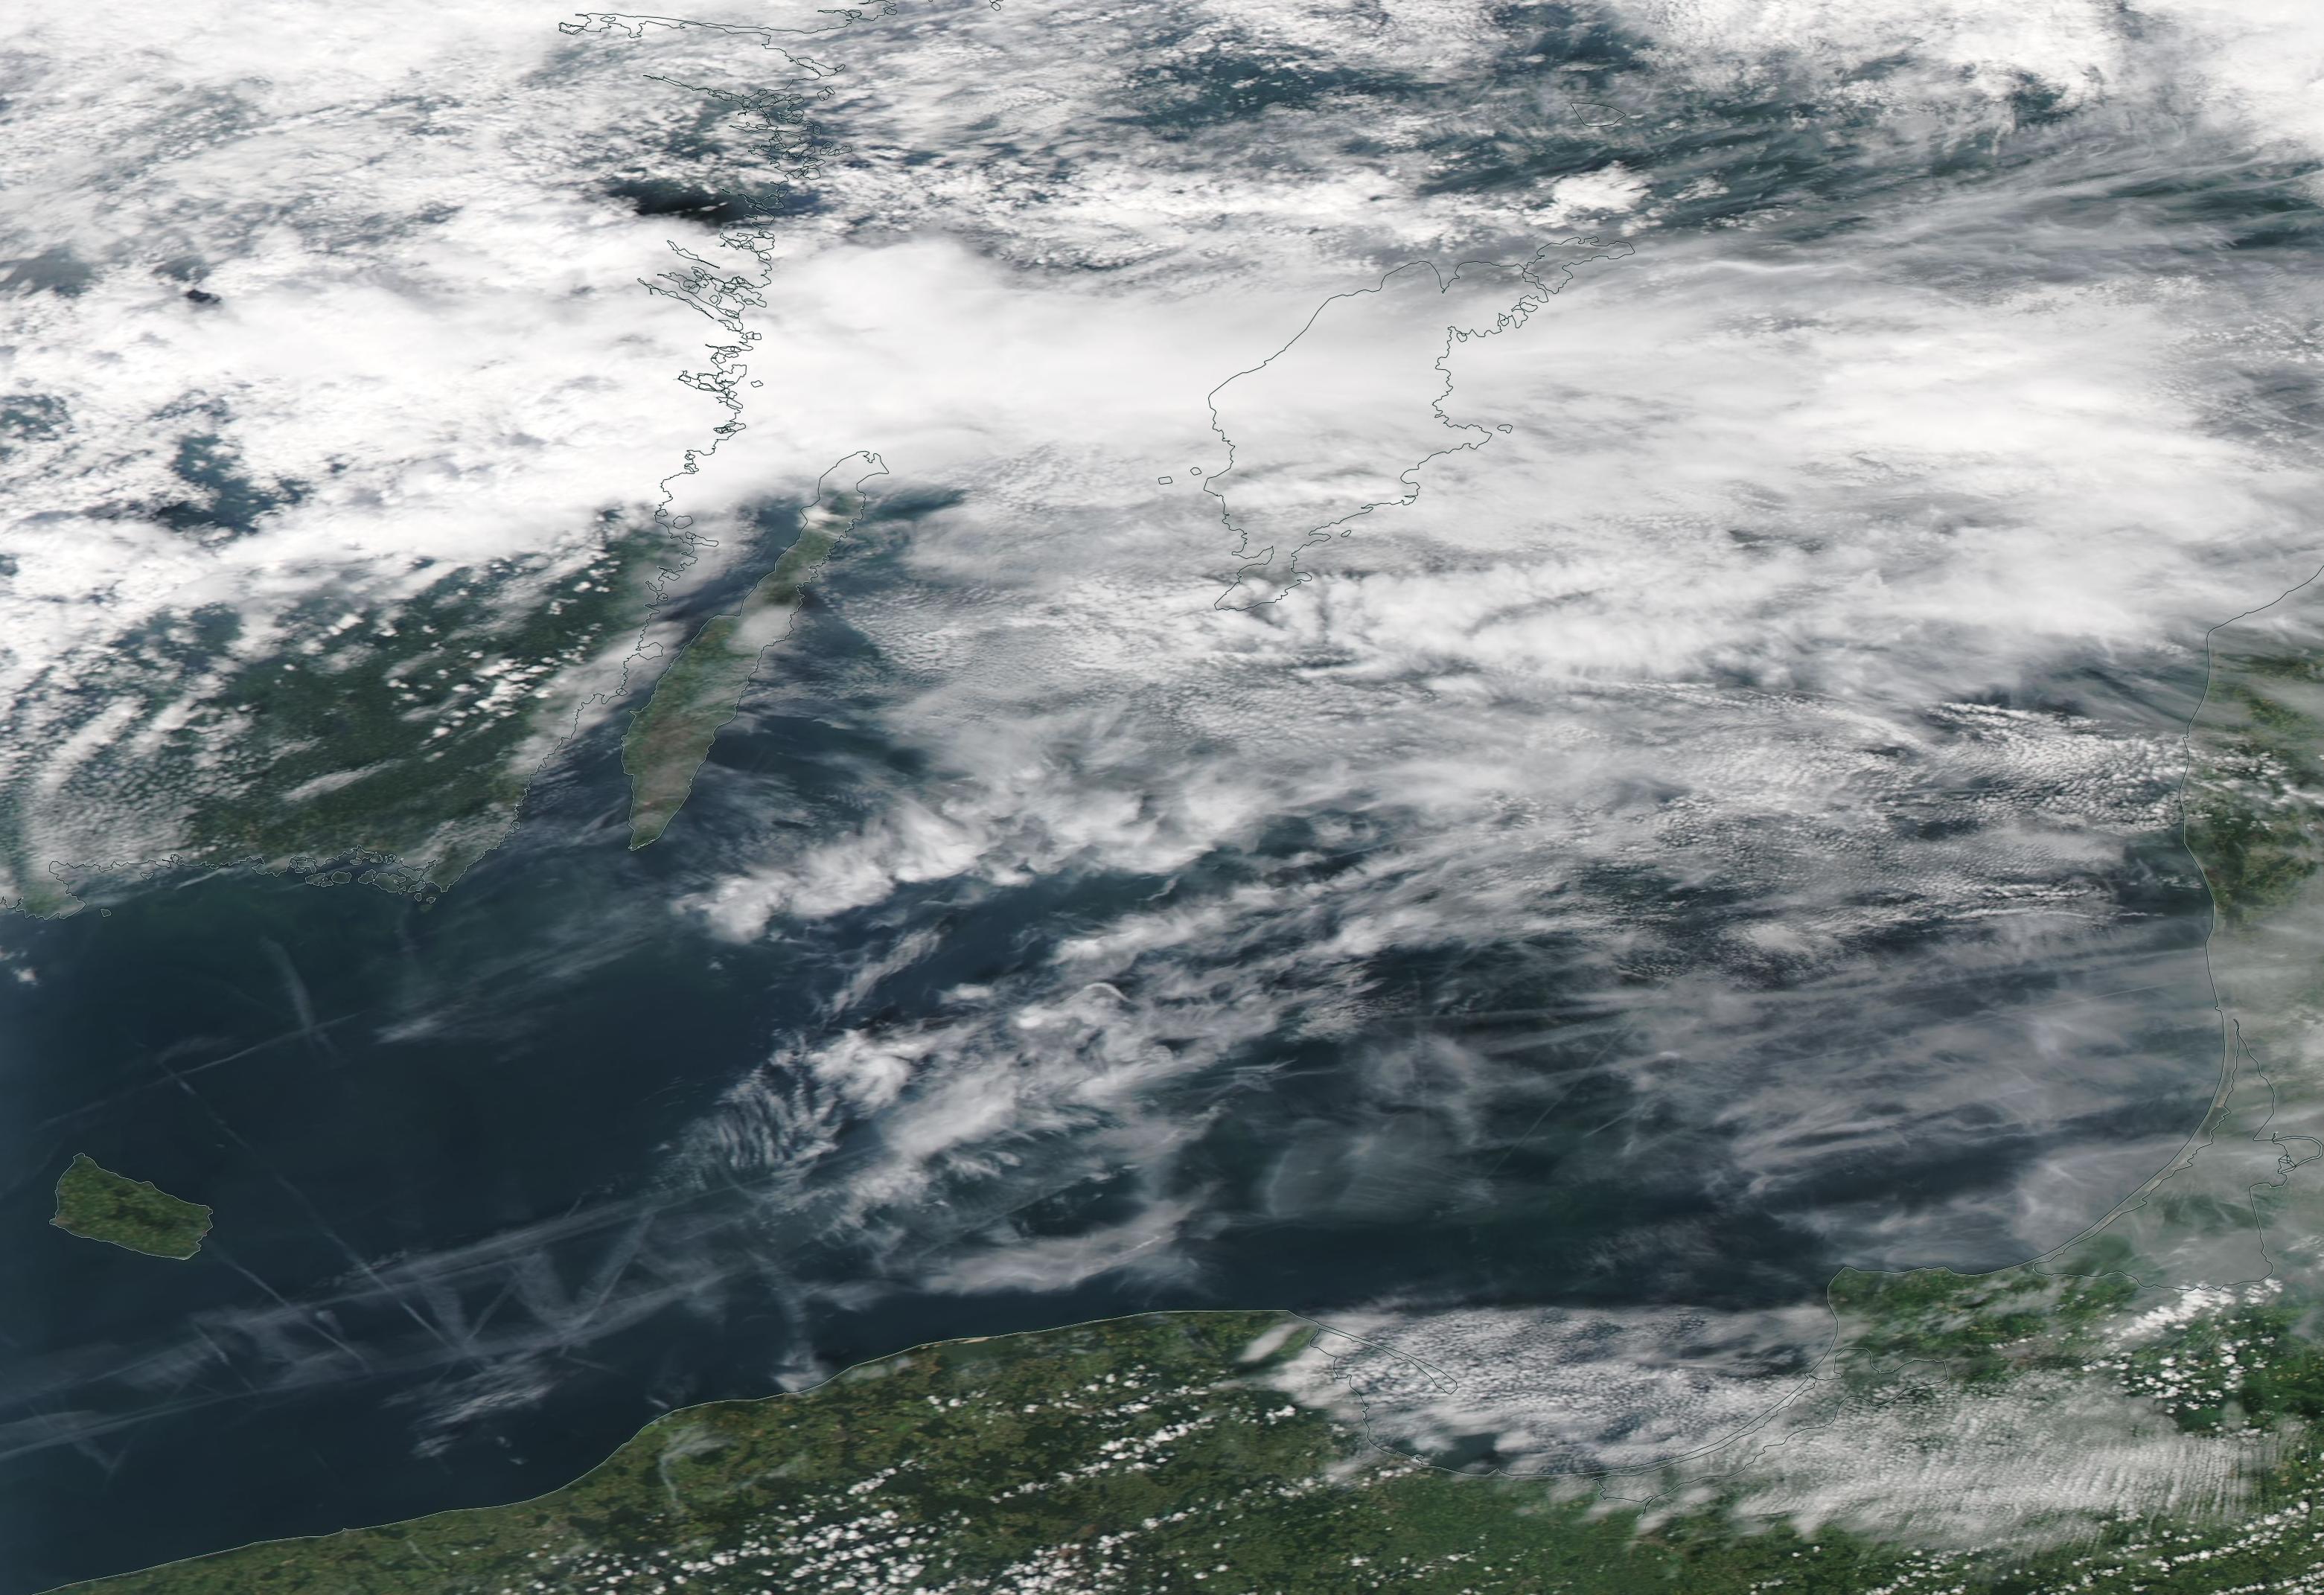 Wednesday 29th June 2019 chemtrail geoengineering Baltic Sea ... https://go.nasa.gov/31XZGHa